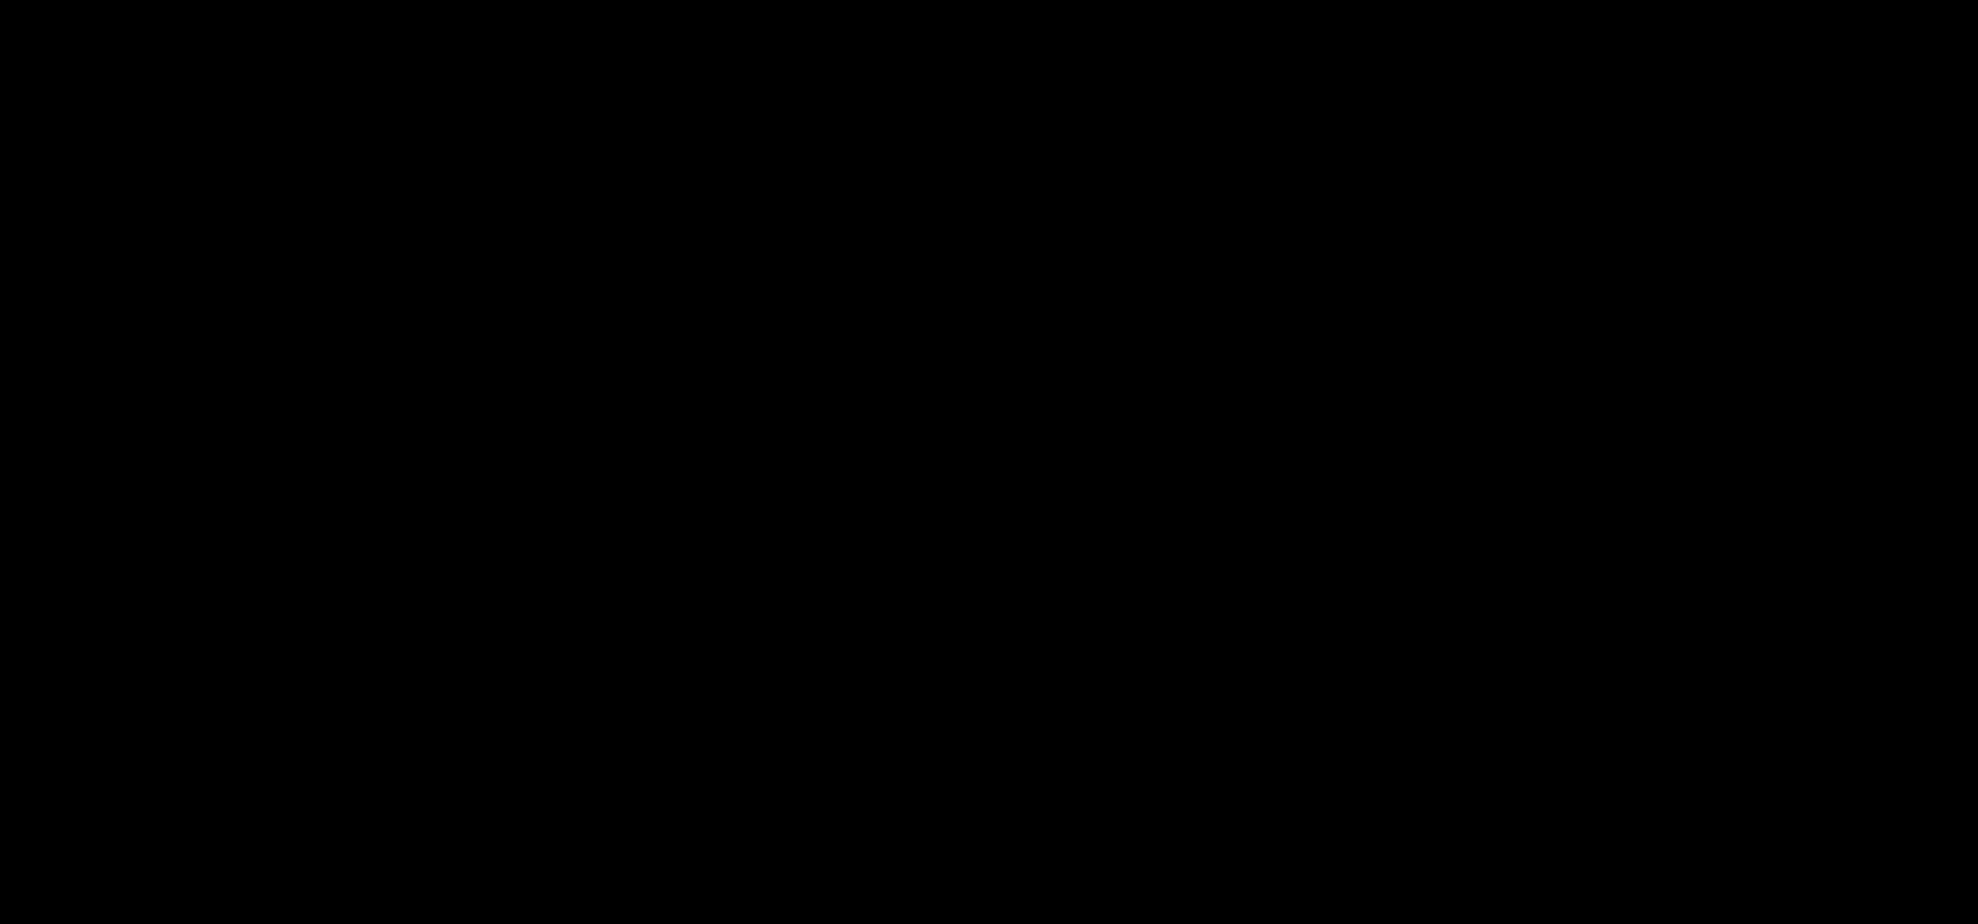 N-{2-[2-(2-Aminoethoxy)ethoxy]ethyl}-5-(dimethylamino-d<sub>6</sub>)naphthalene-1-sulfonamide